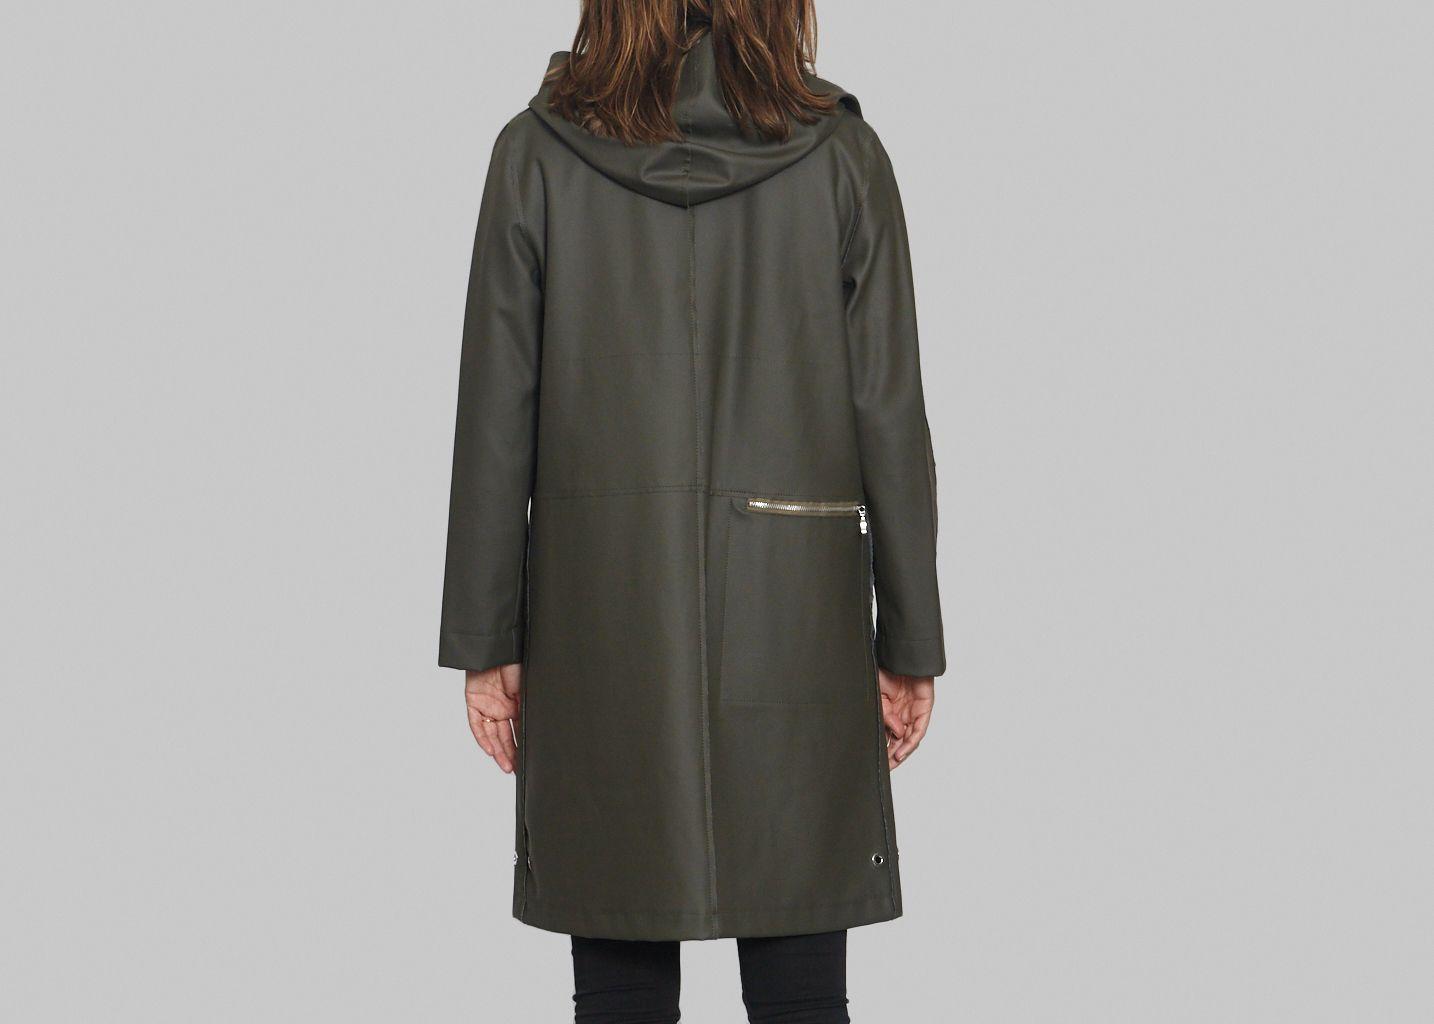 Manteau josephine pr t pour partir khaki en vente chez l 39 exception - Pret pour personne en cdd ...